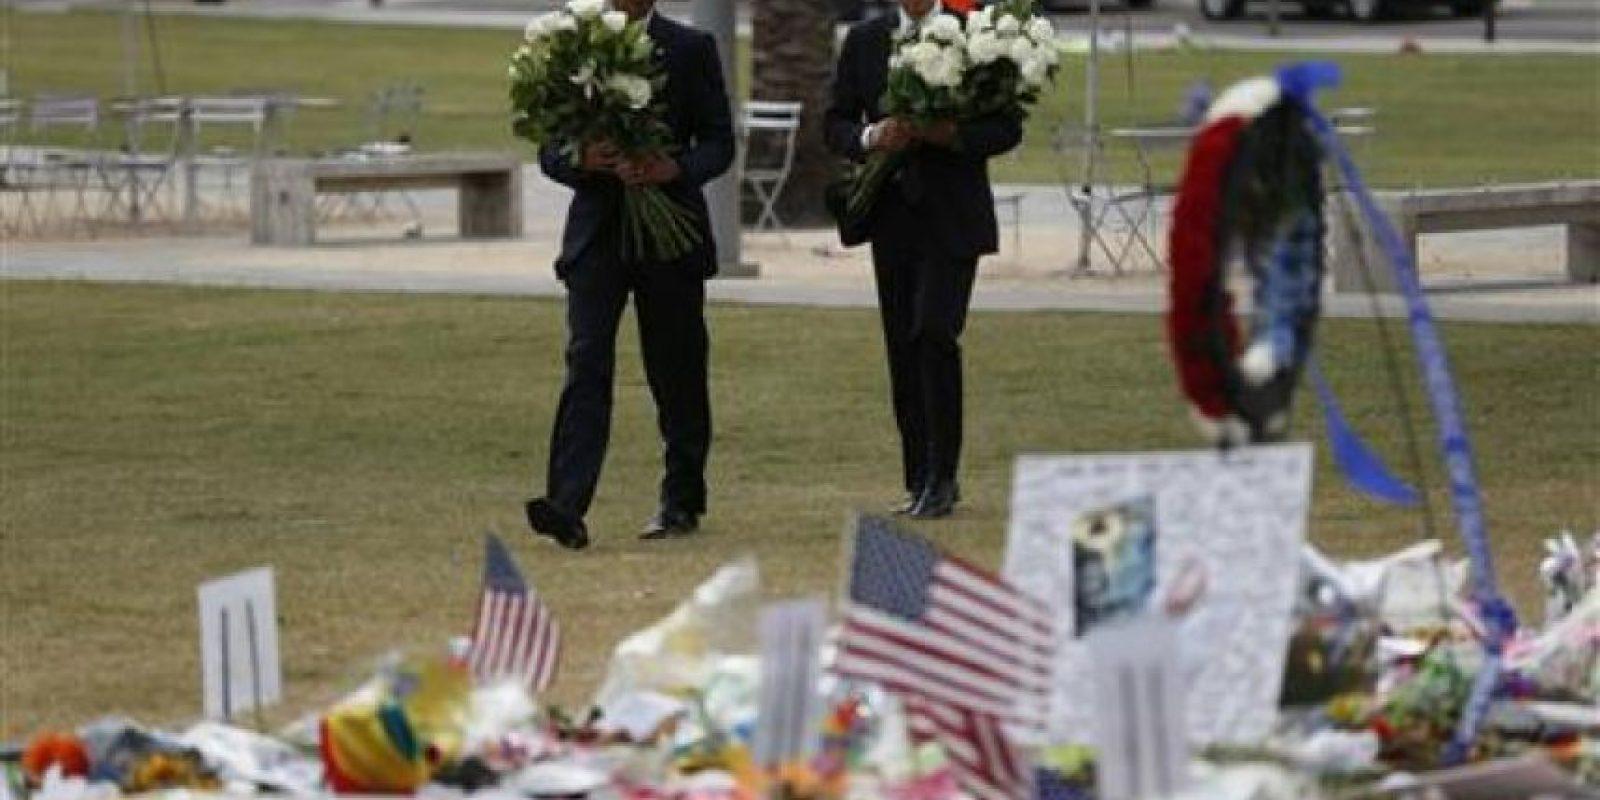 Presidente y vicepresidente colocaron flores en el memorial Foto:AP